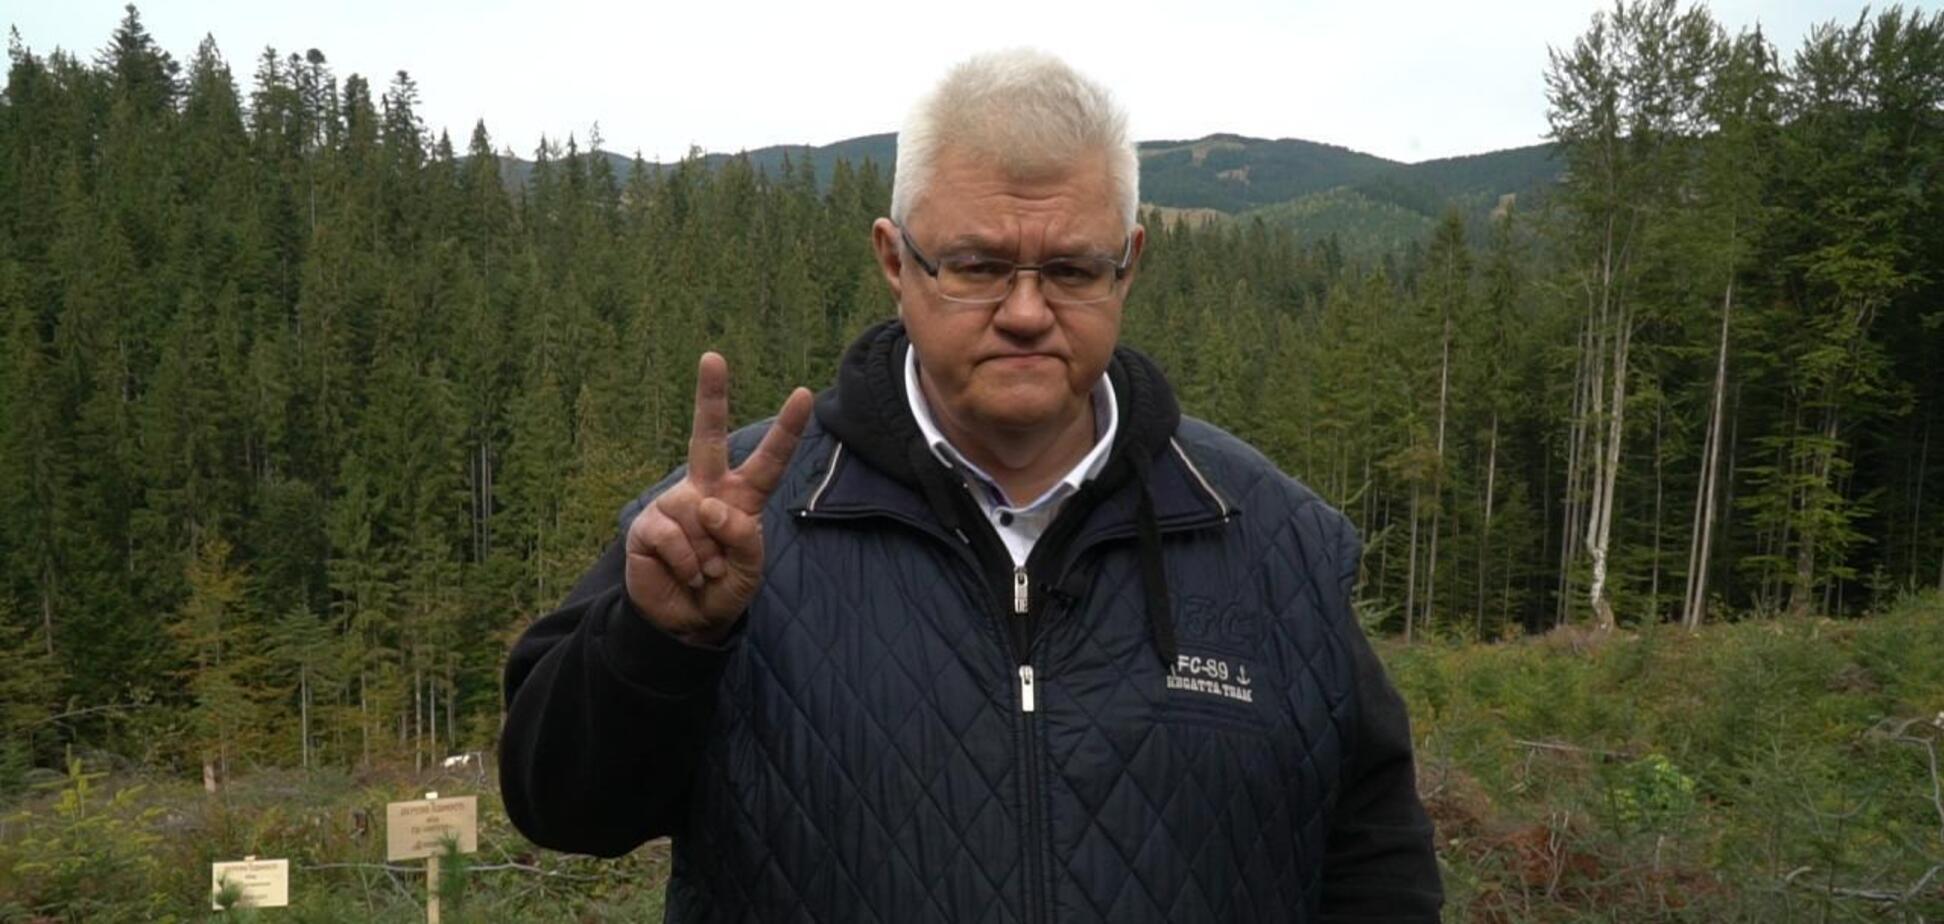 Сивохо разом з жителями Донбасу висадив 2,5 тис. 'дерев єдності' у Карпатах